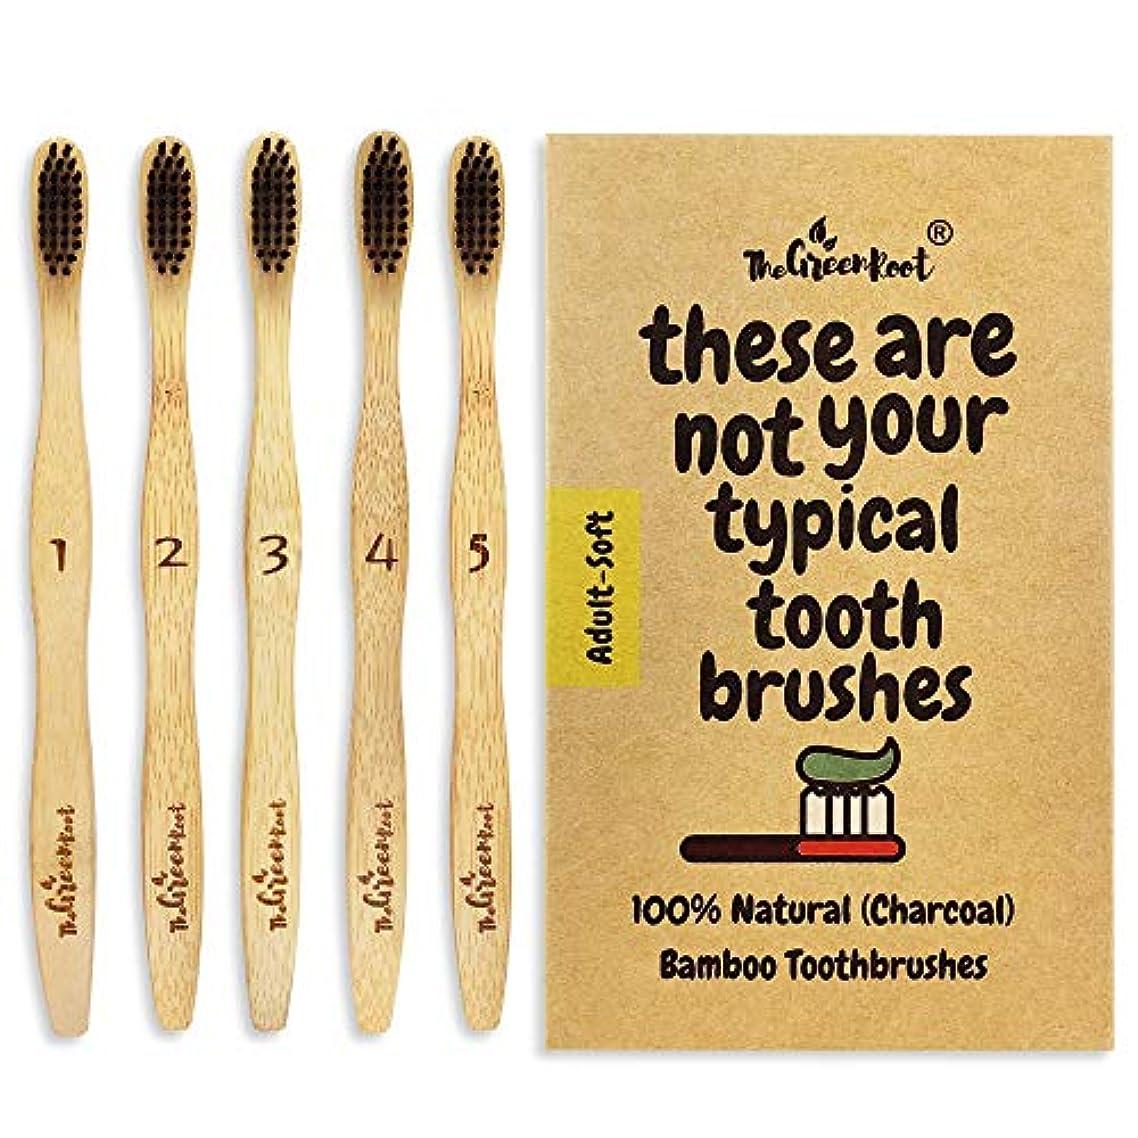 計算するエキサイティングウェイトレスNatural Charcoal Bamboo Toothbrushes (Pack of 5) for Adults with Soft Bio-Based Nylon Bristles - Individually...